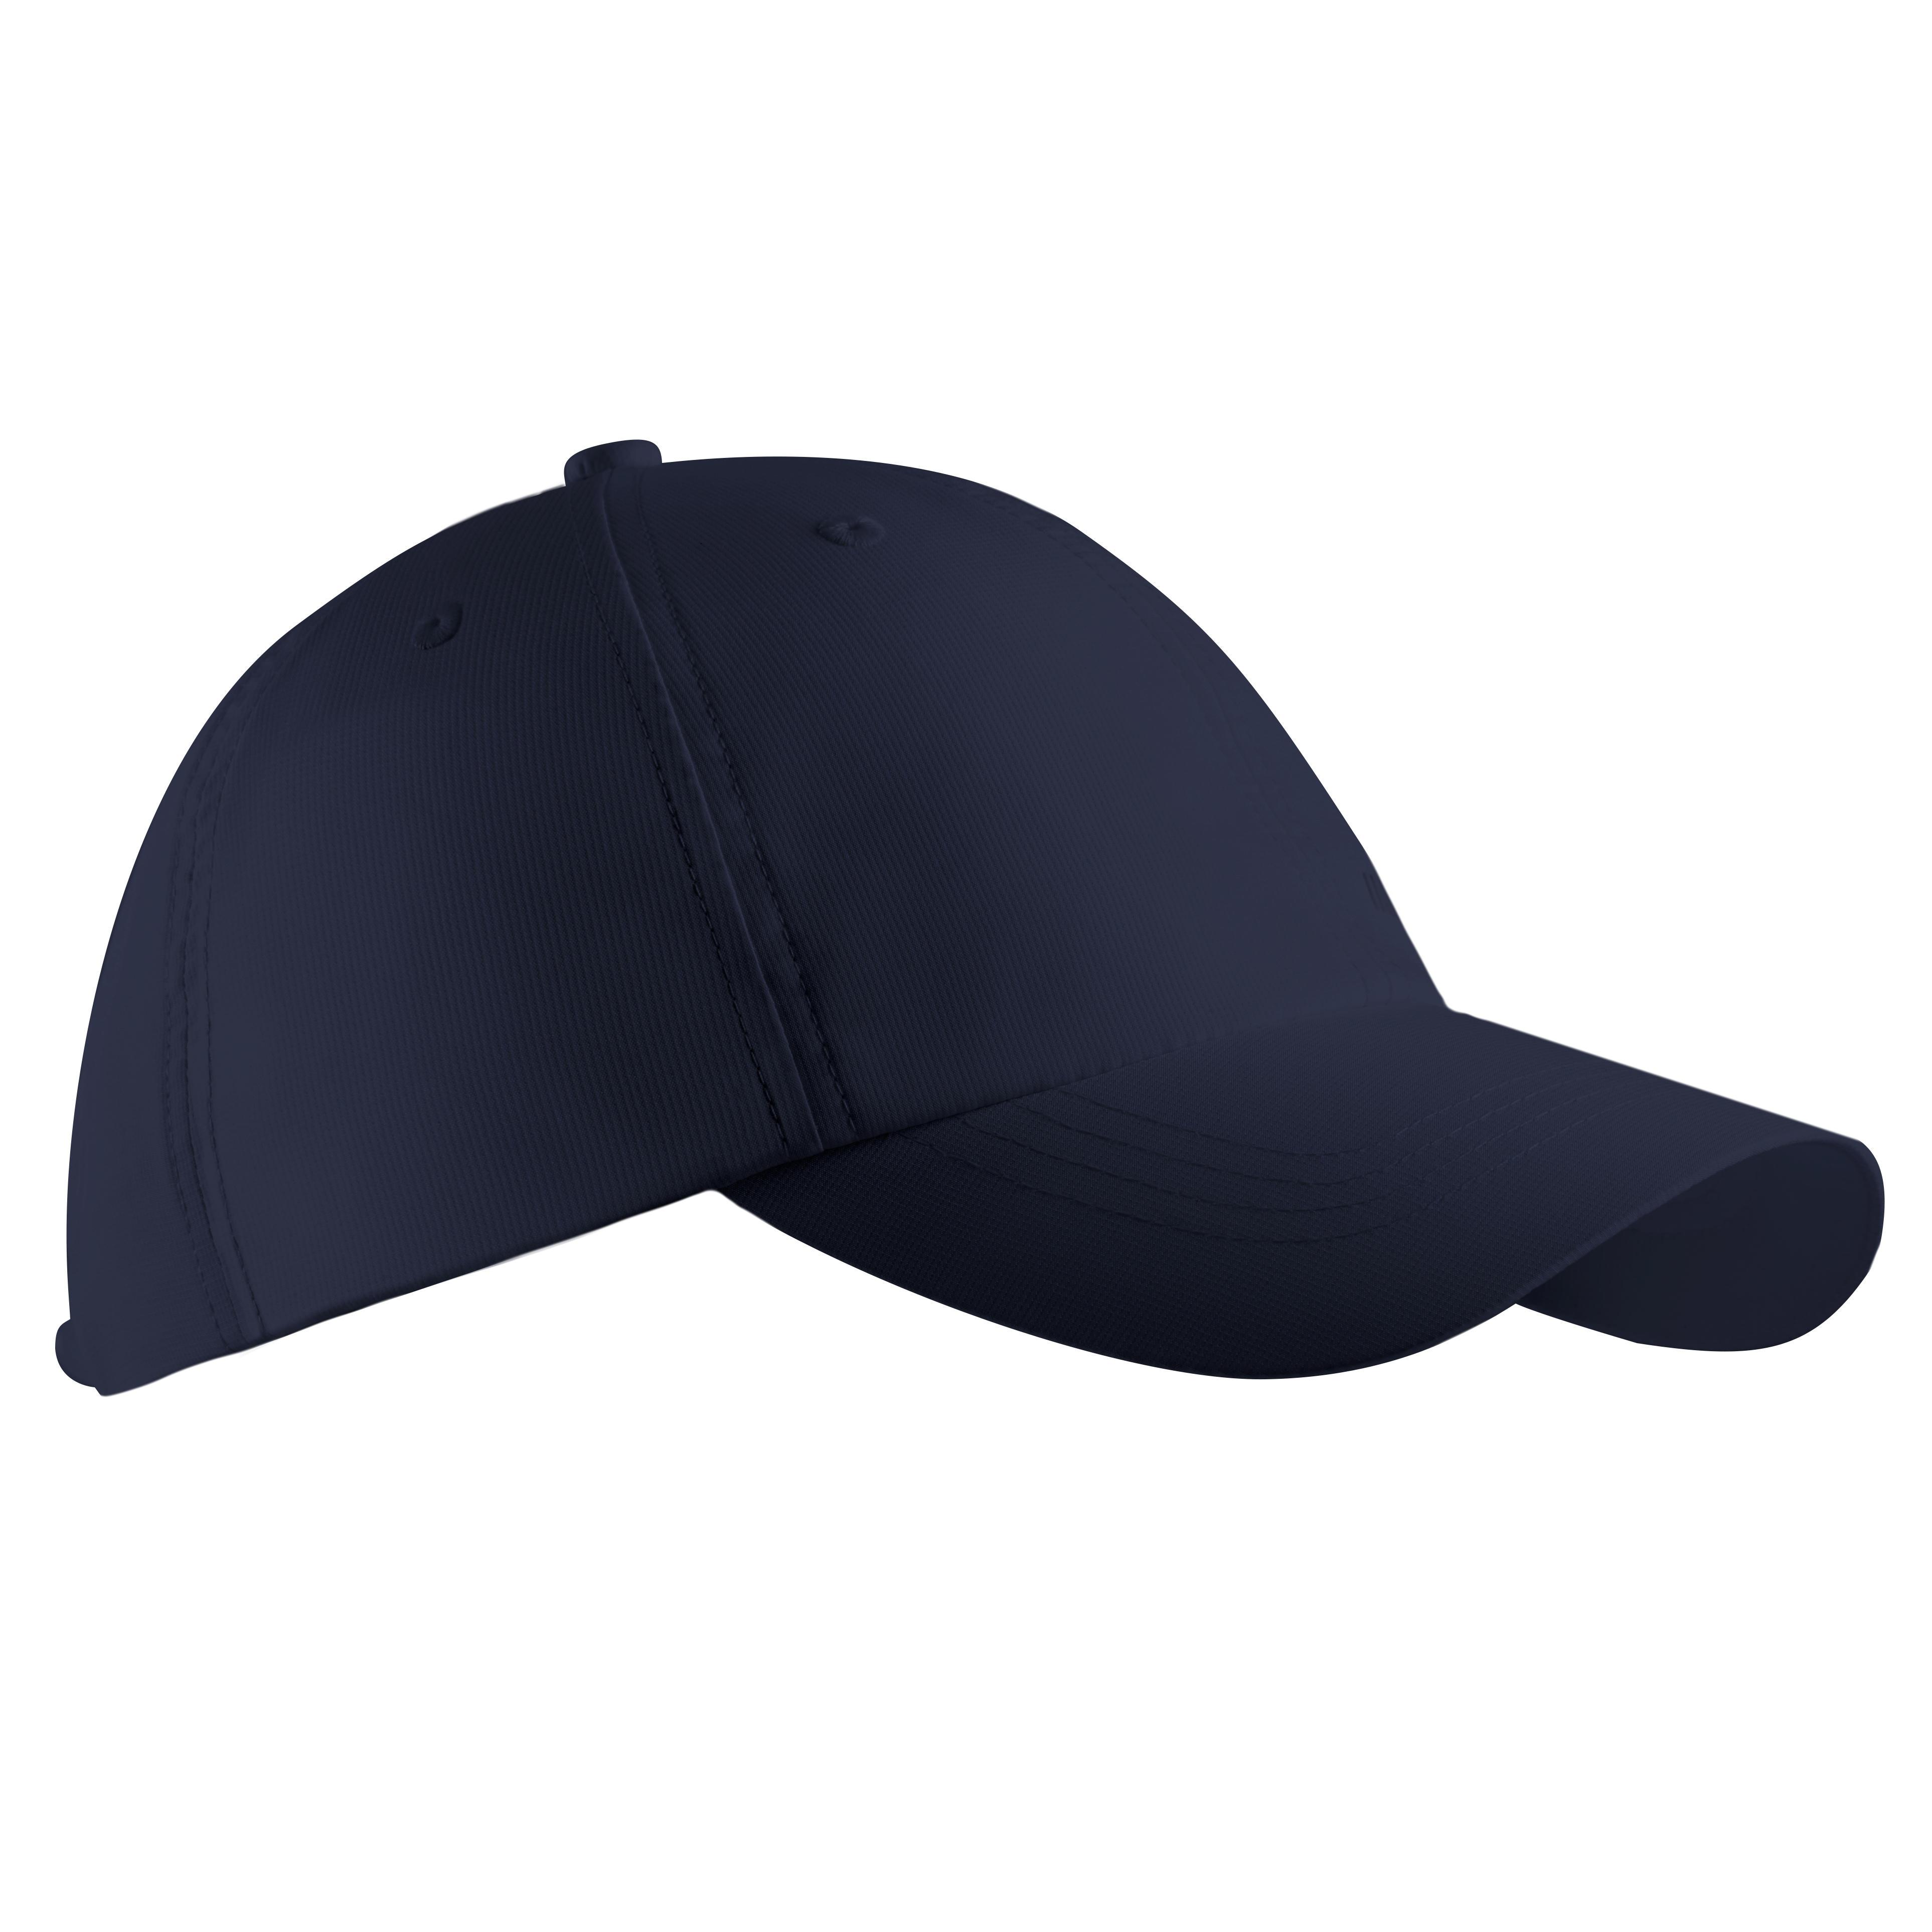 Şapcă Golf Adulți la Reducere poza